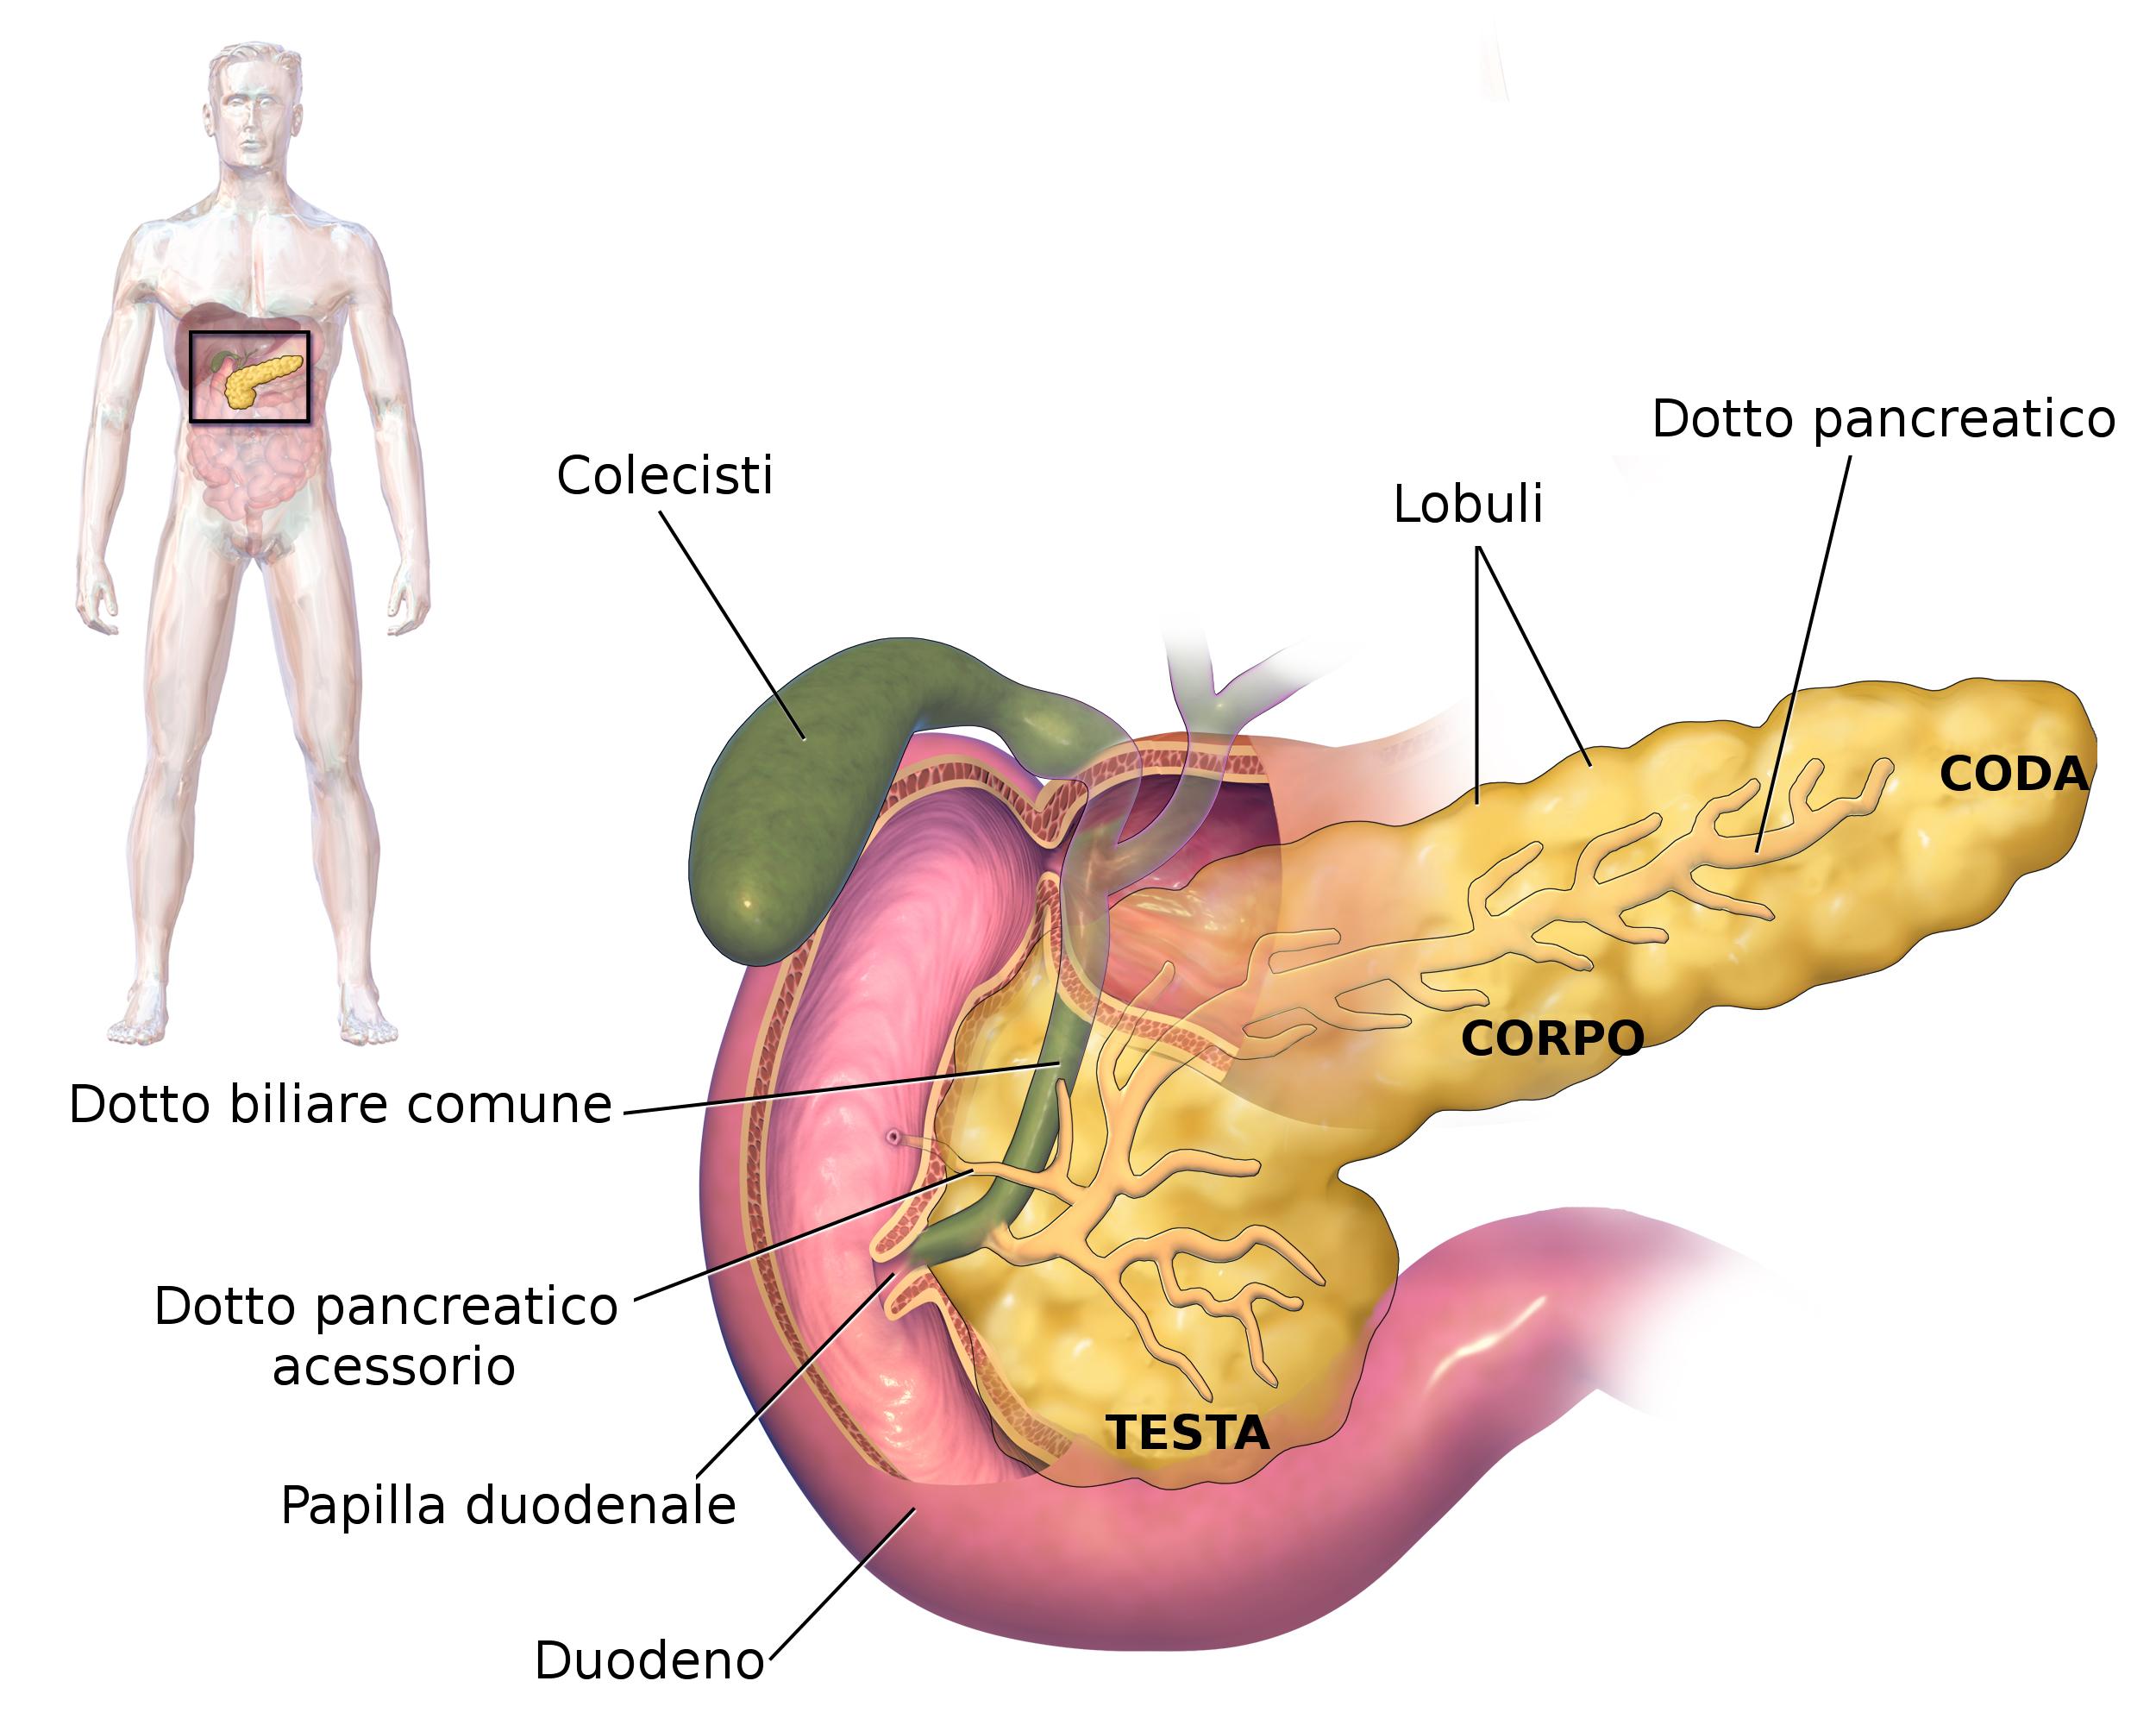 pancreatite mal di schiena e minzione frequente